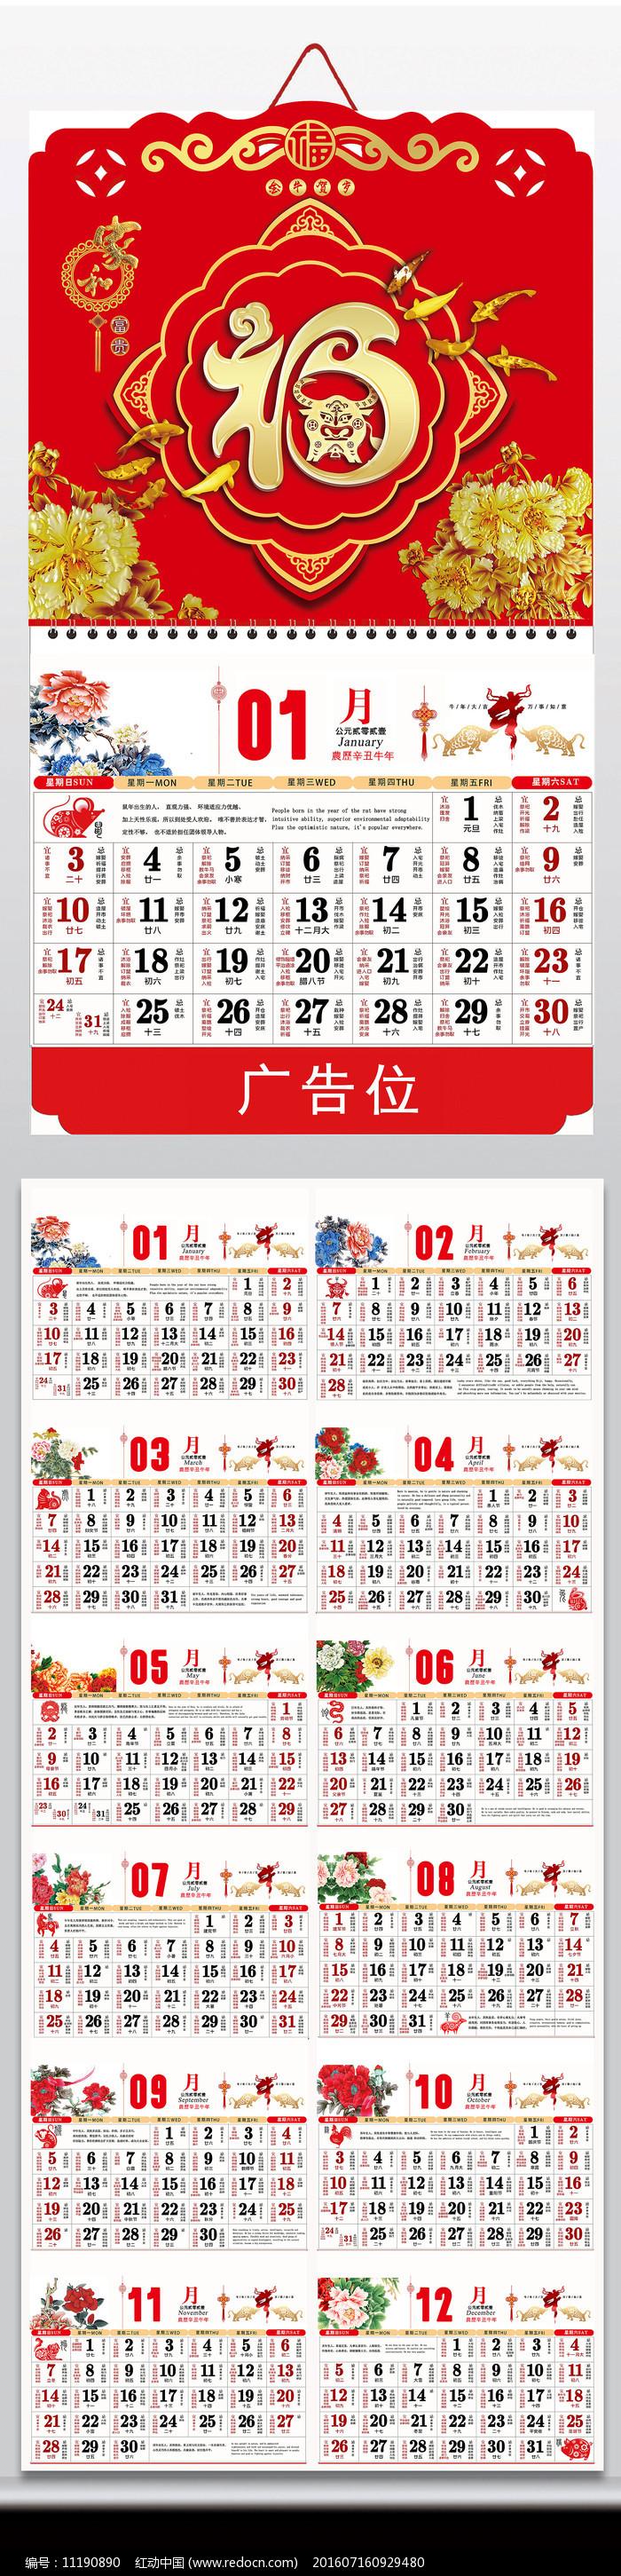 2021牛年春节黄历月历  挂历广告双挂历图片